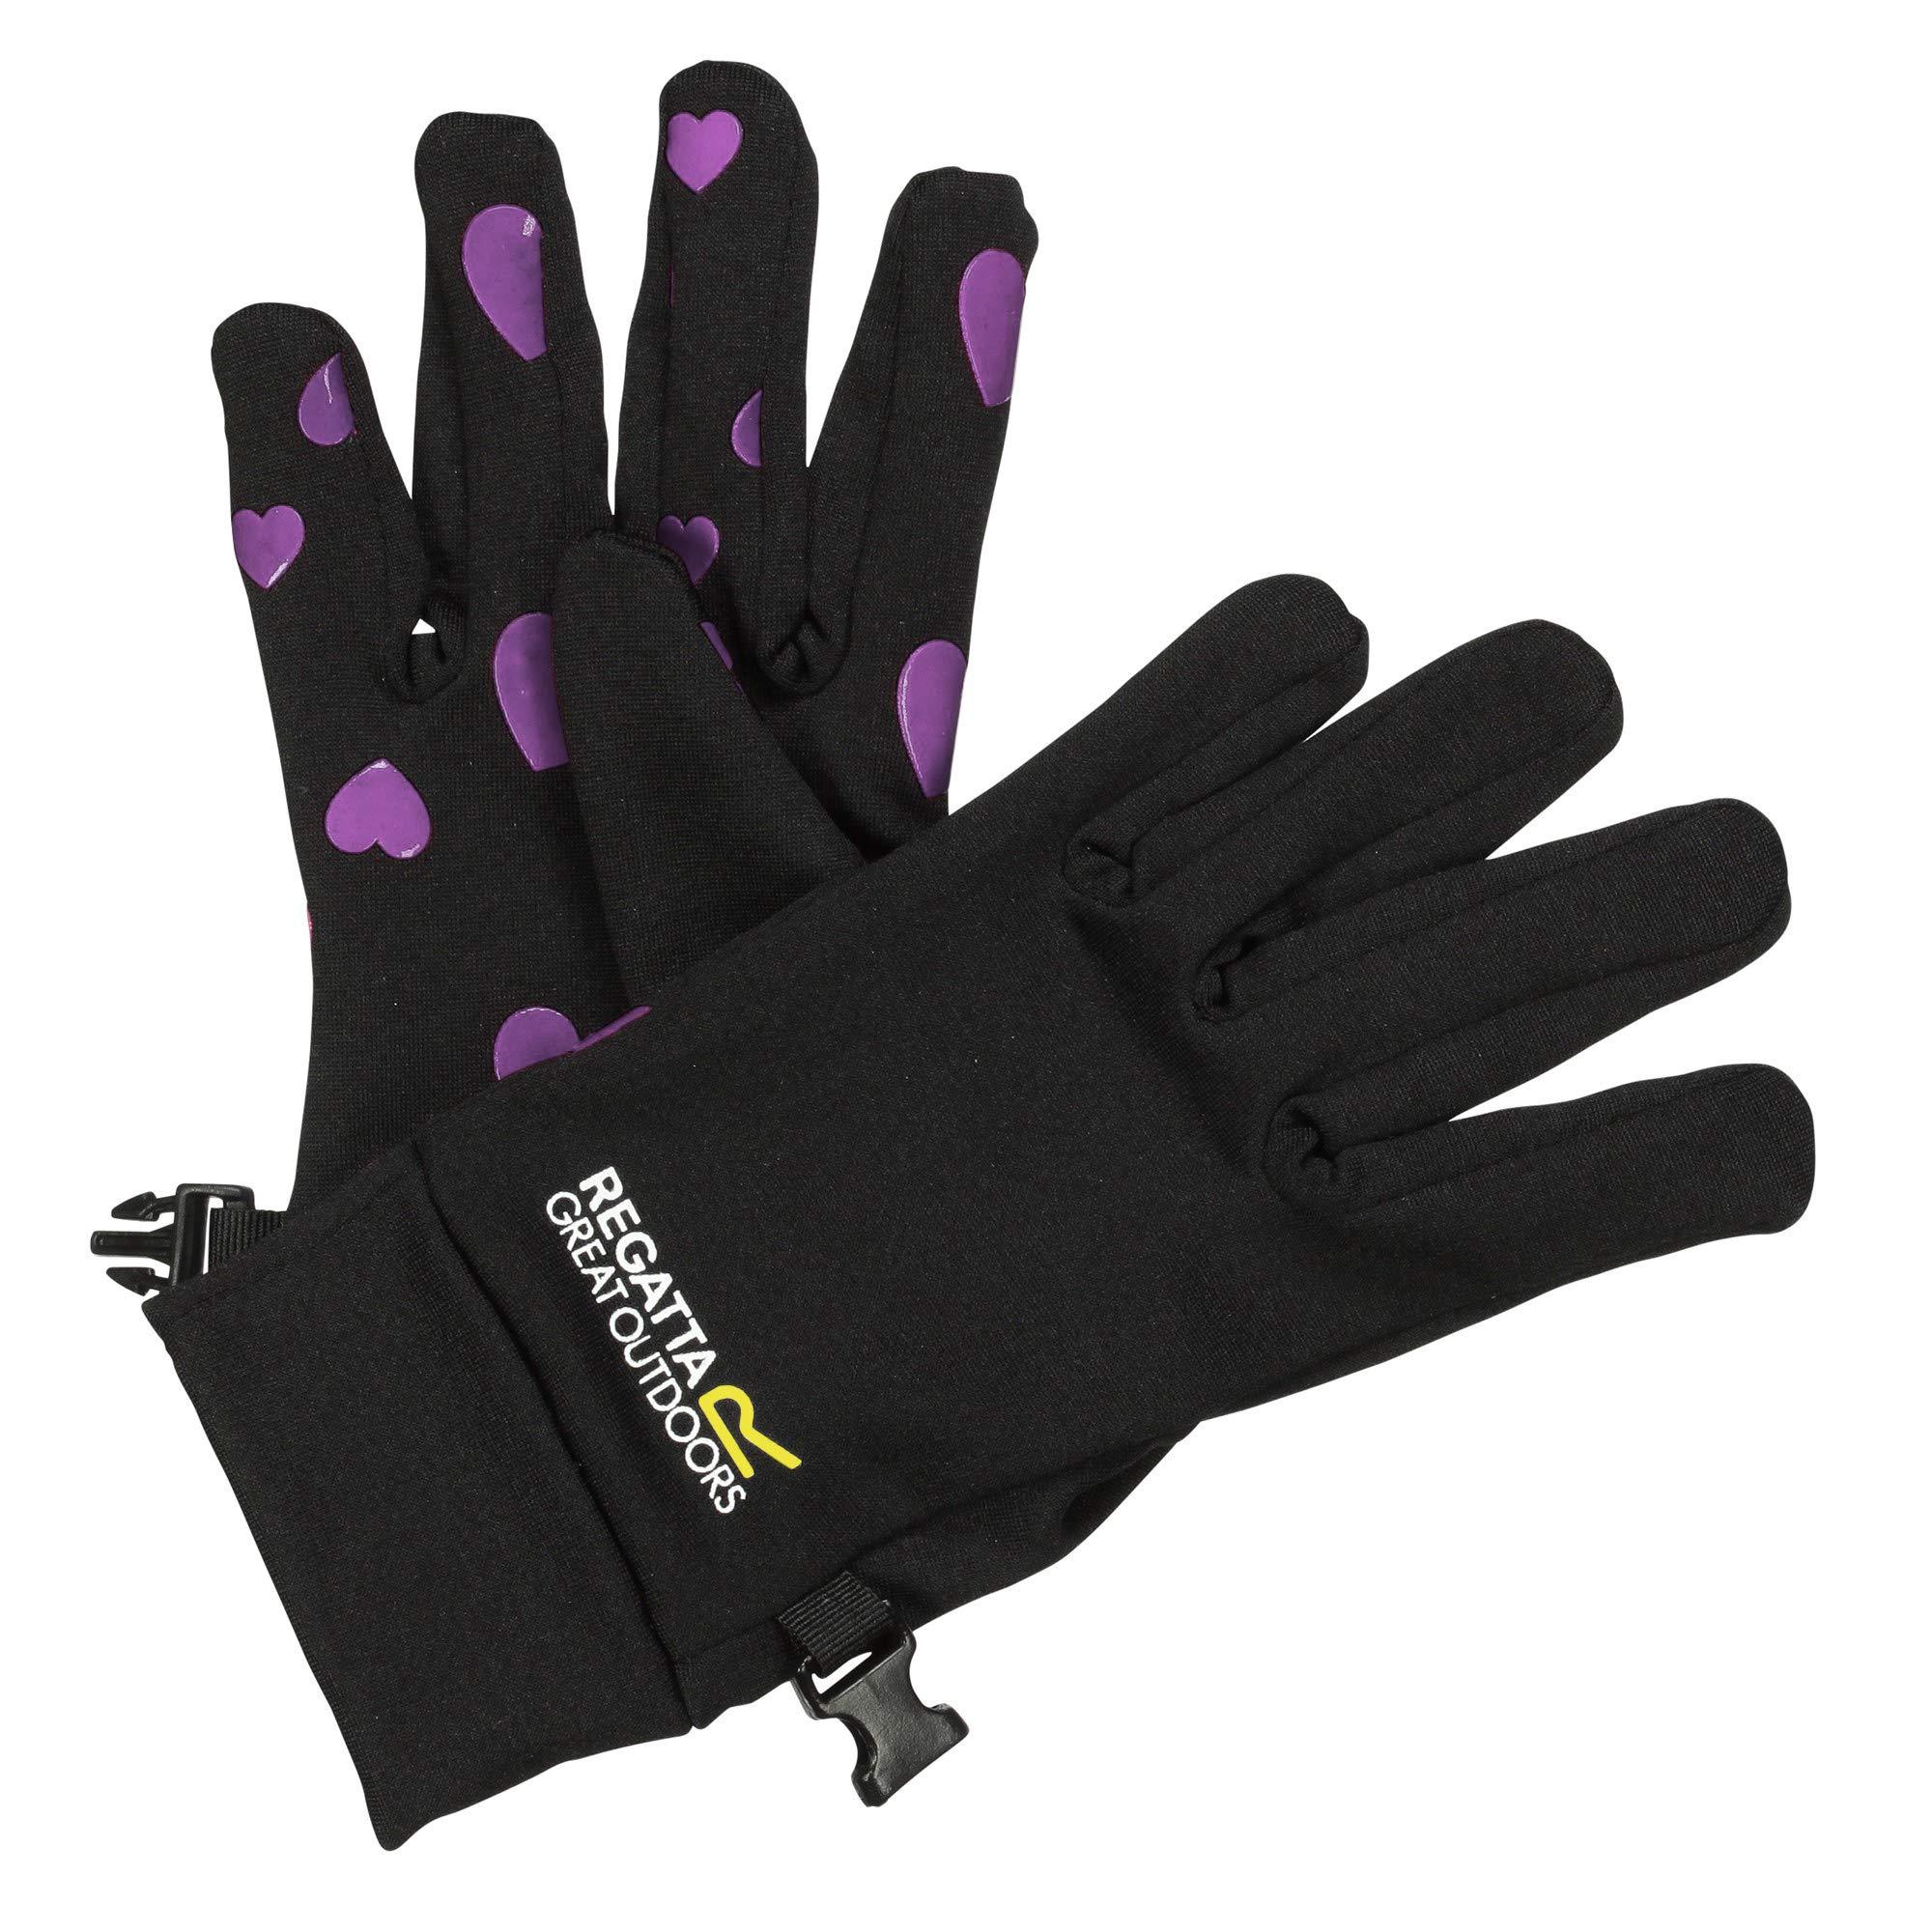 Regatta Kids Grippy Gloves Black/Oxford Blue 4-6